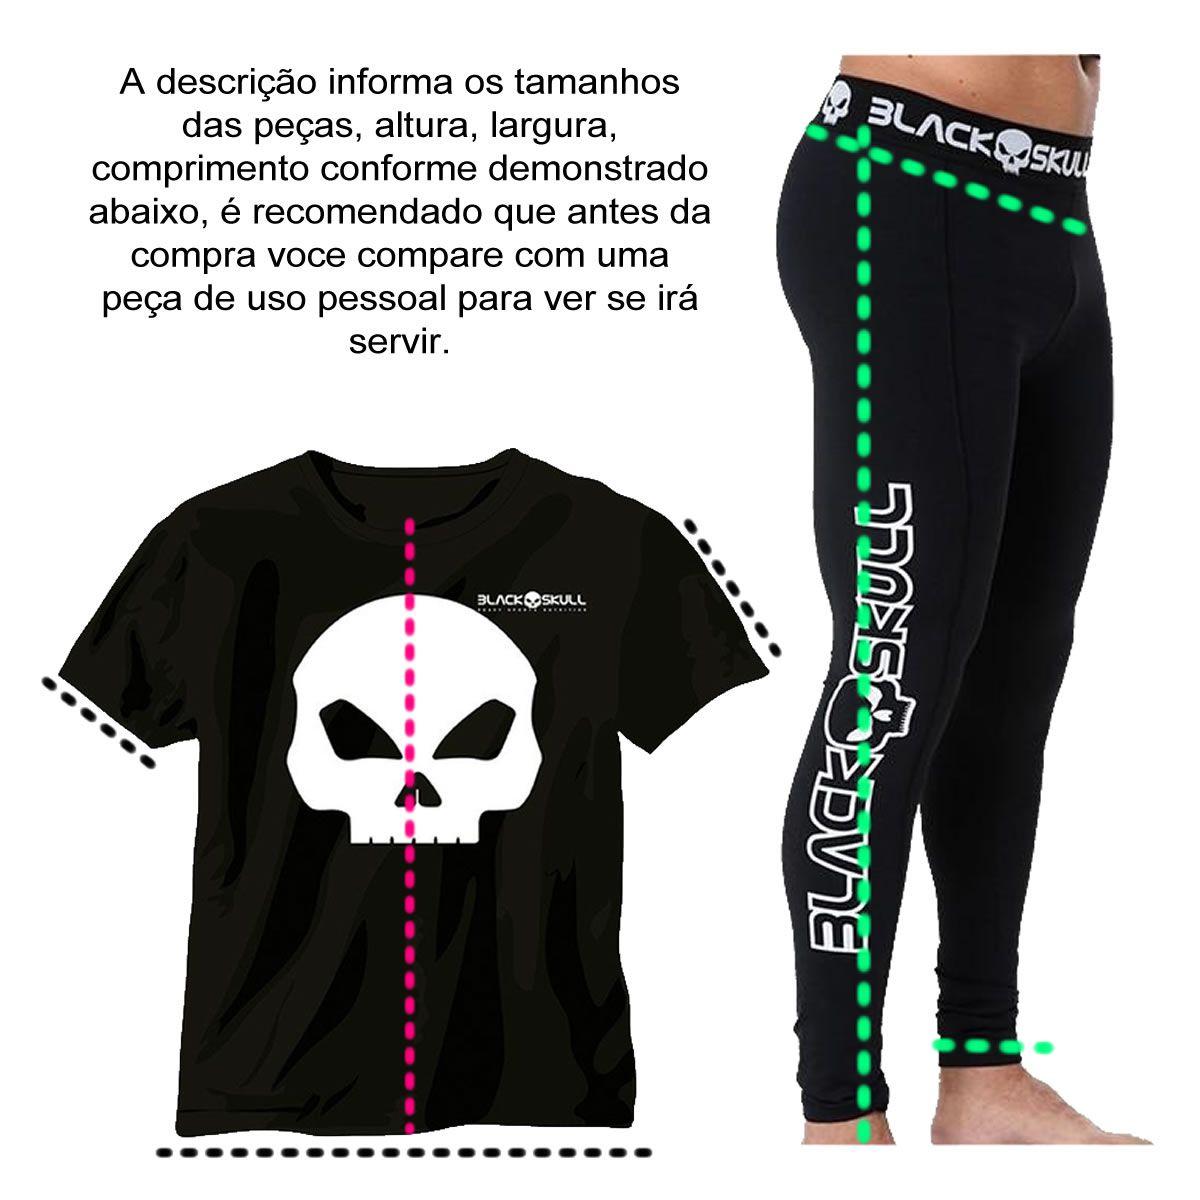 Top Mist Preto - Black Skull